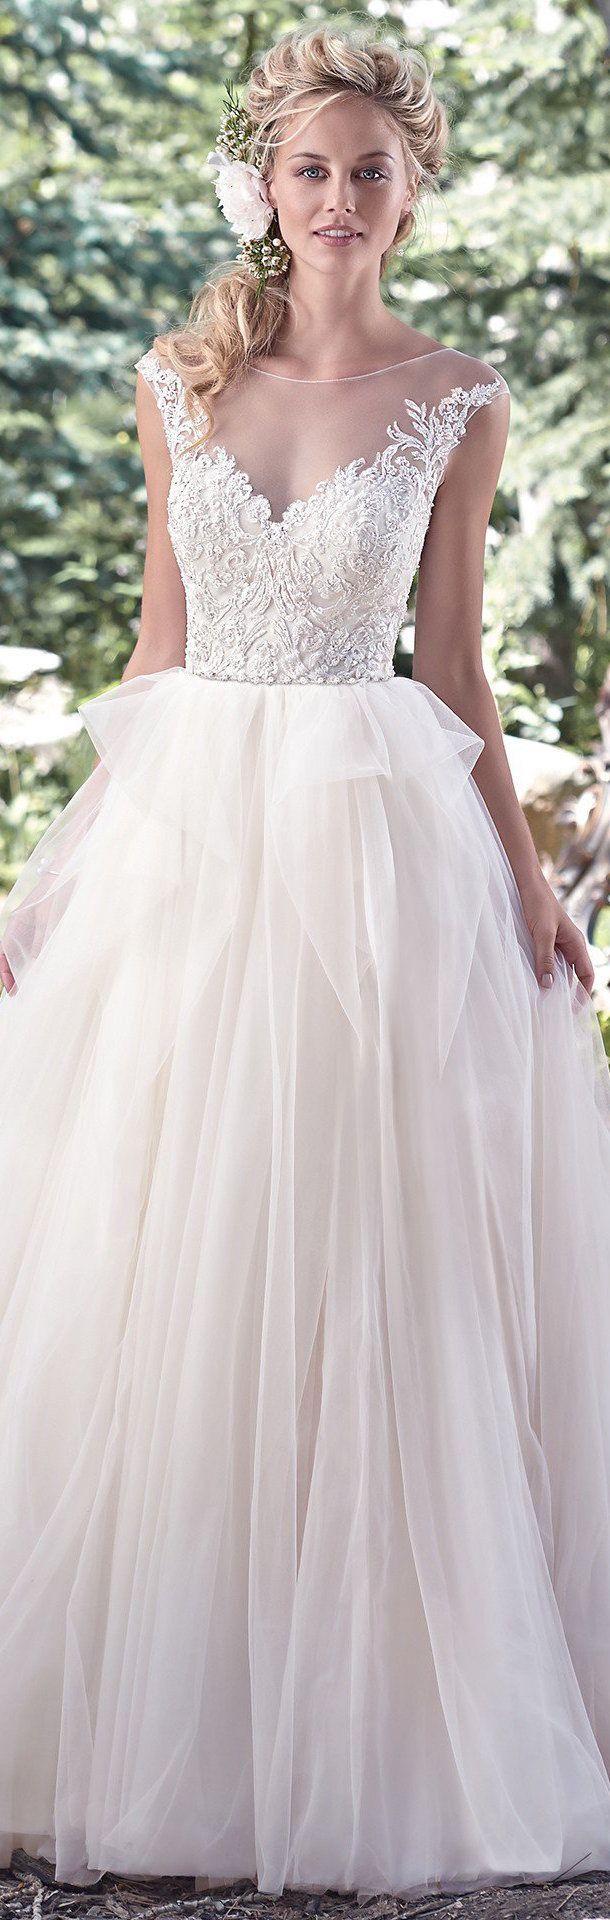 belle robe de mariage en images 182 et plus encore sur www.robe2mariage.eu